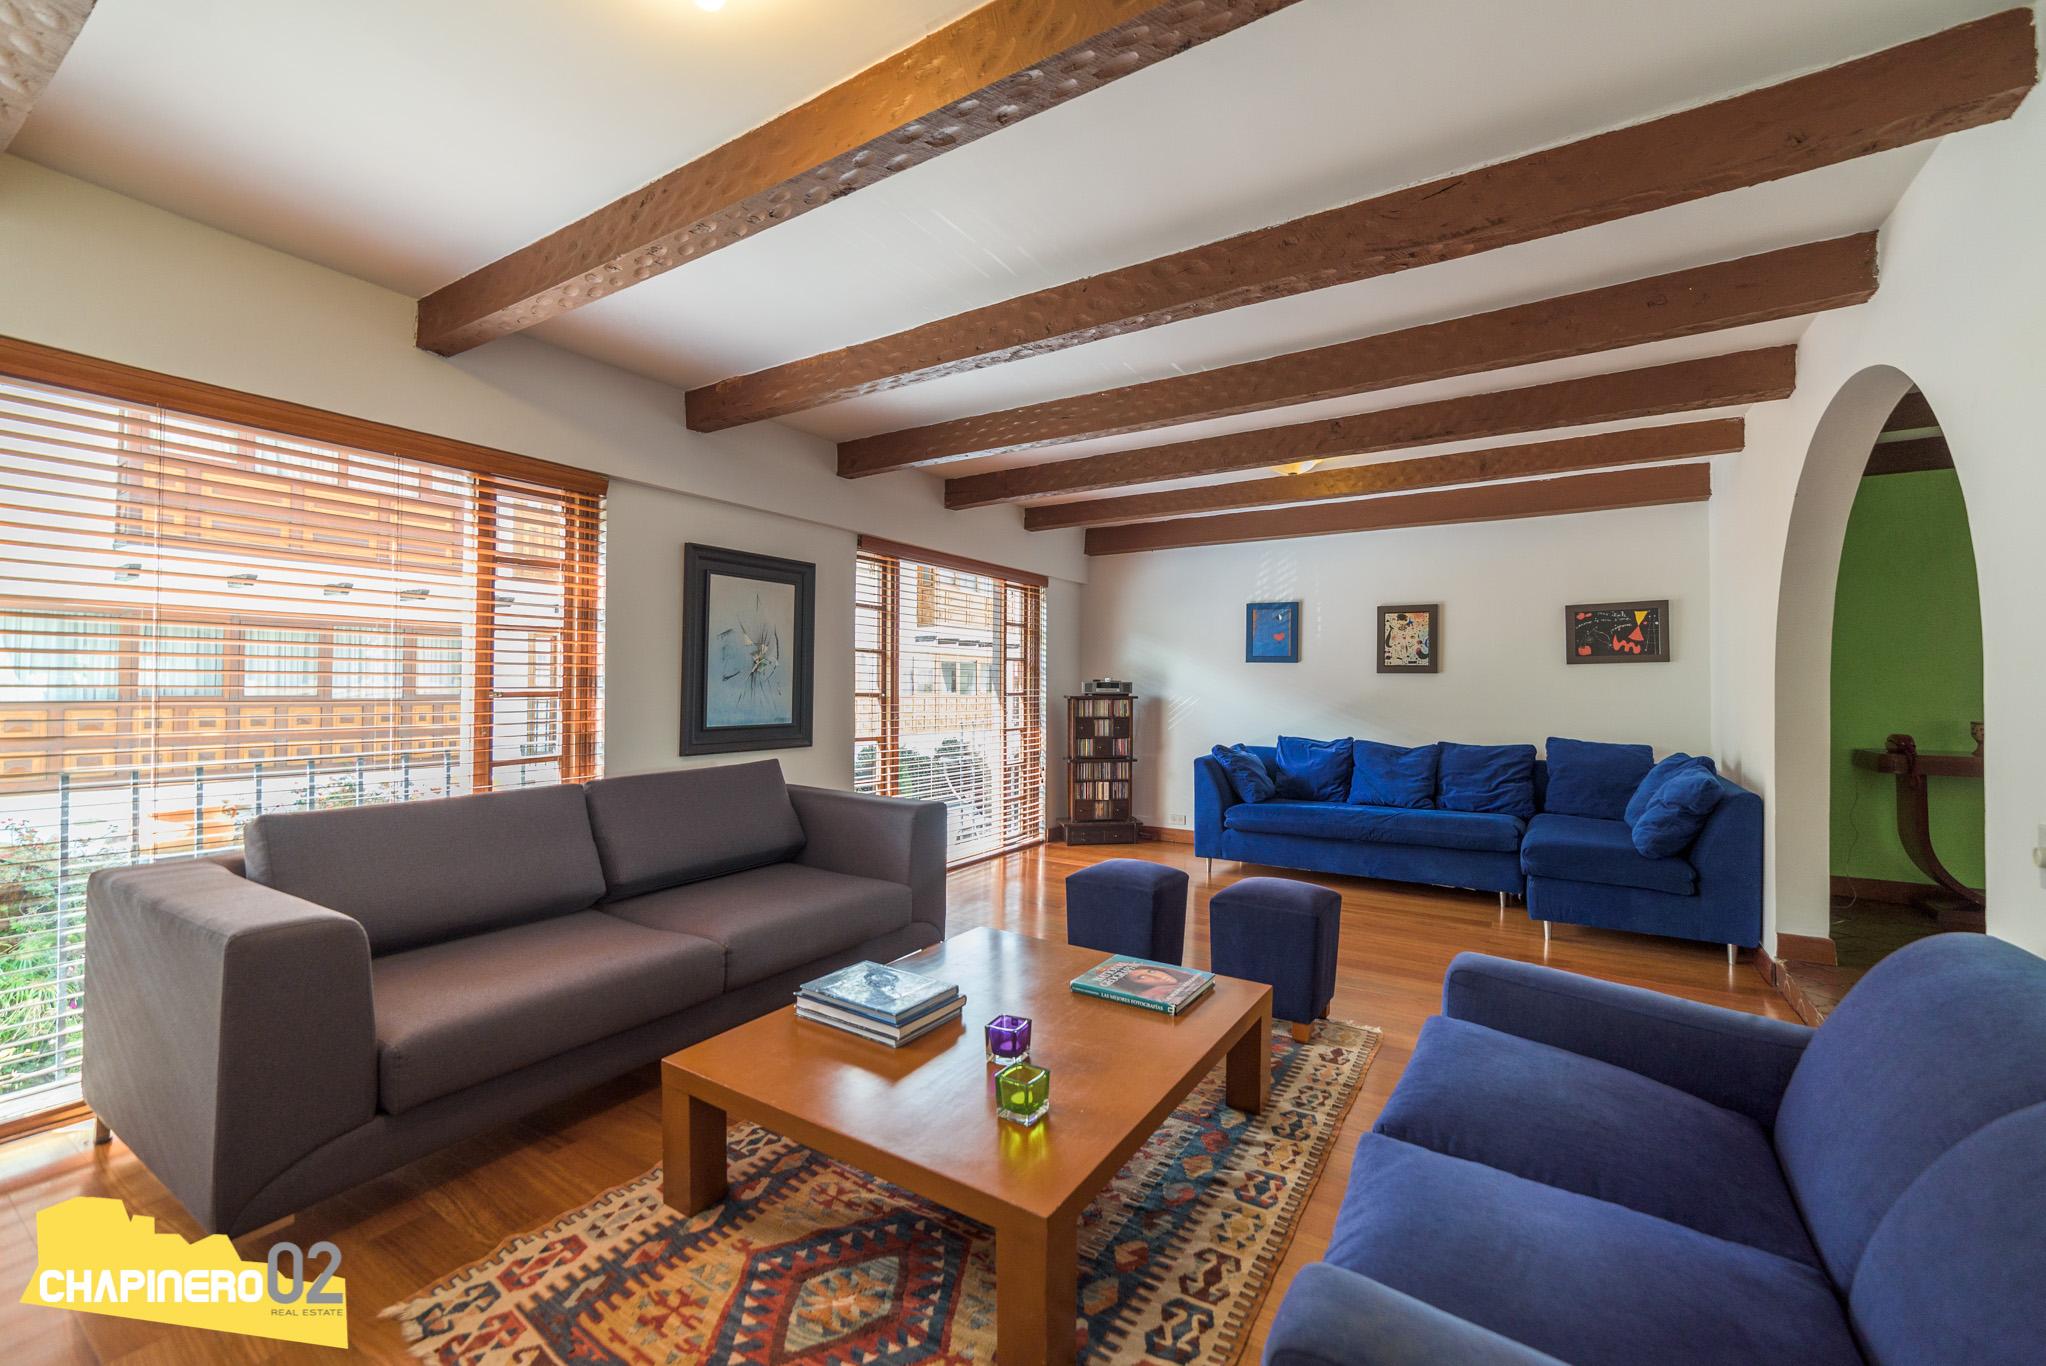 Casa Dotacional :: 270 m2 :: Nogal :: $12,6M